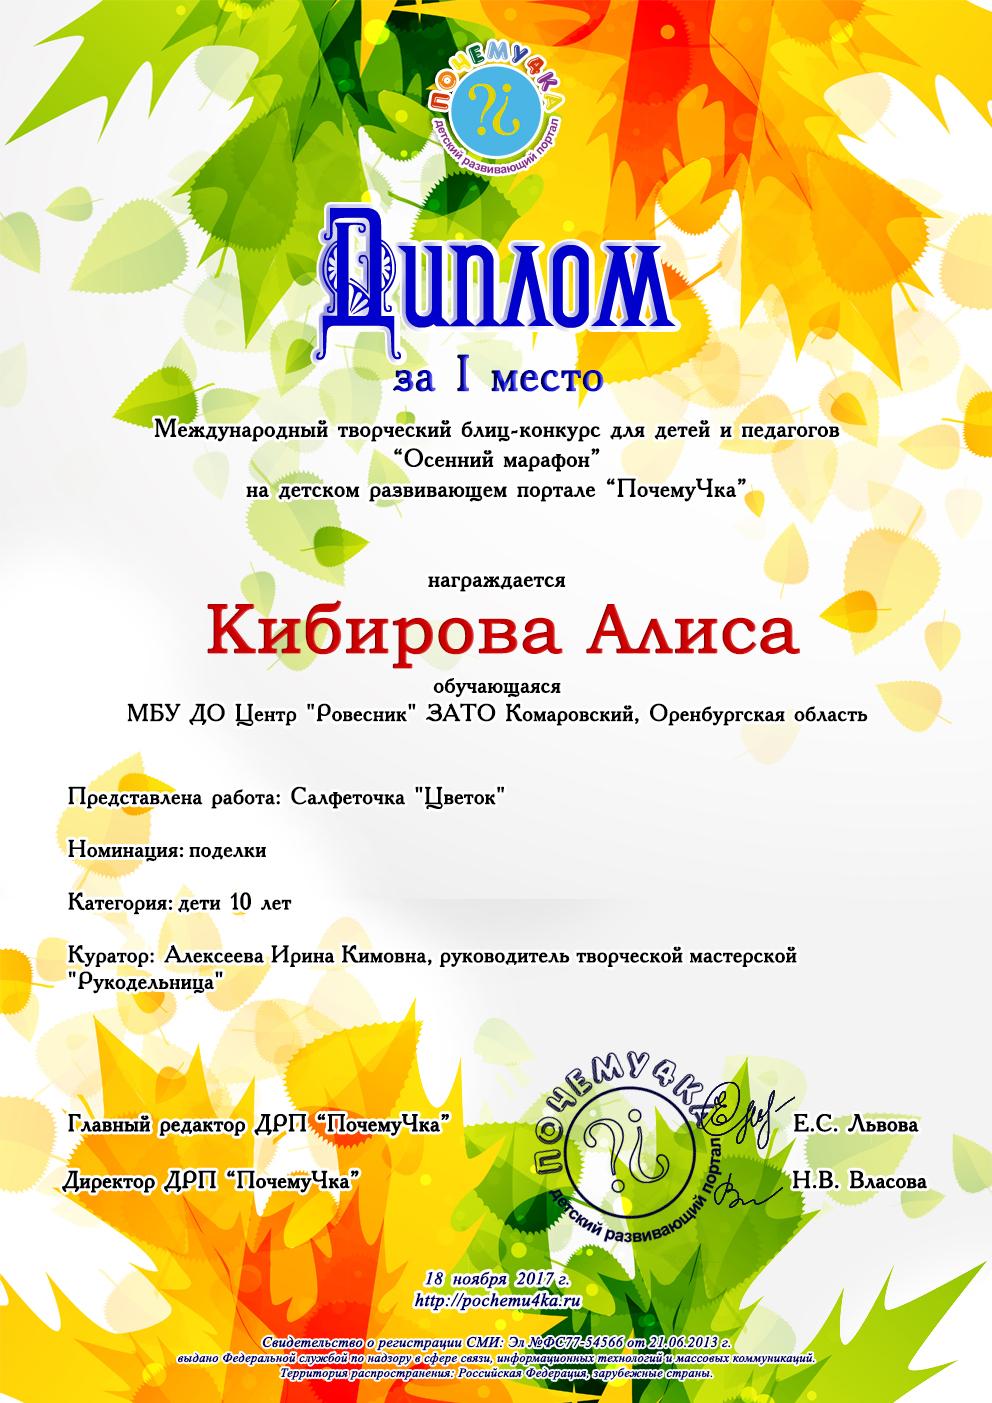 Кибирова Алиса